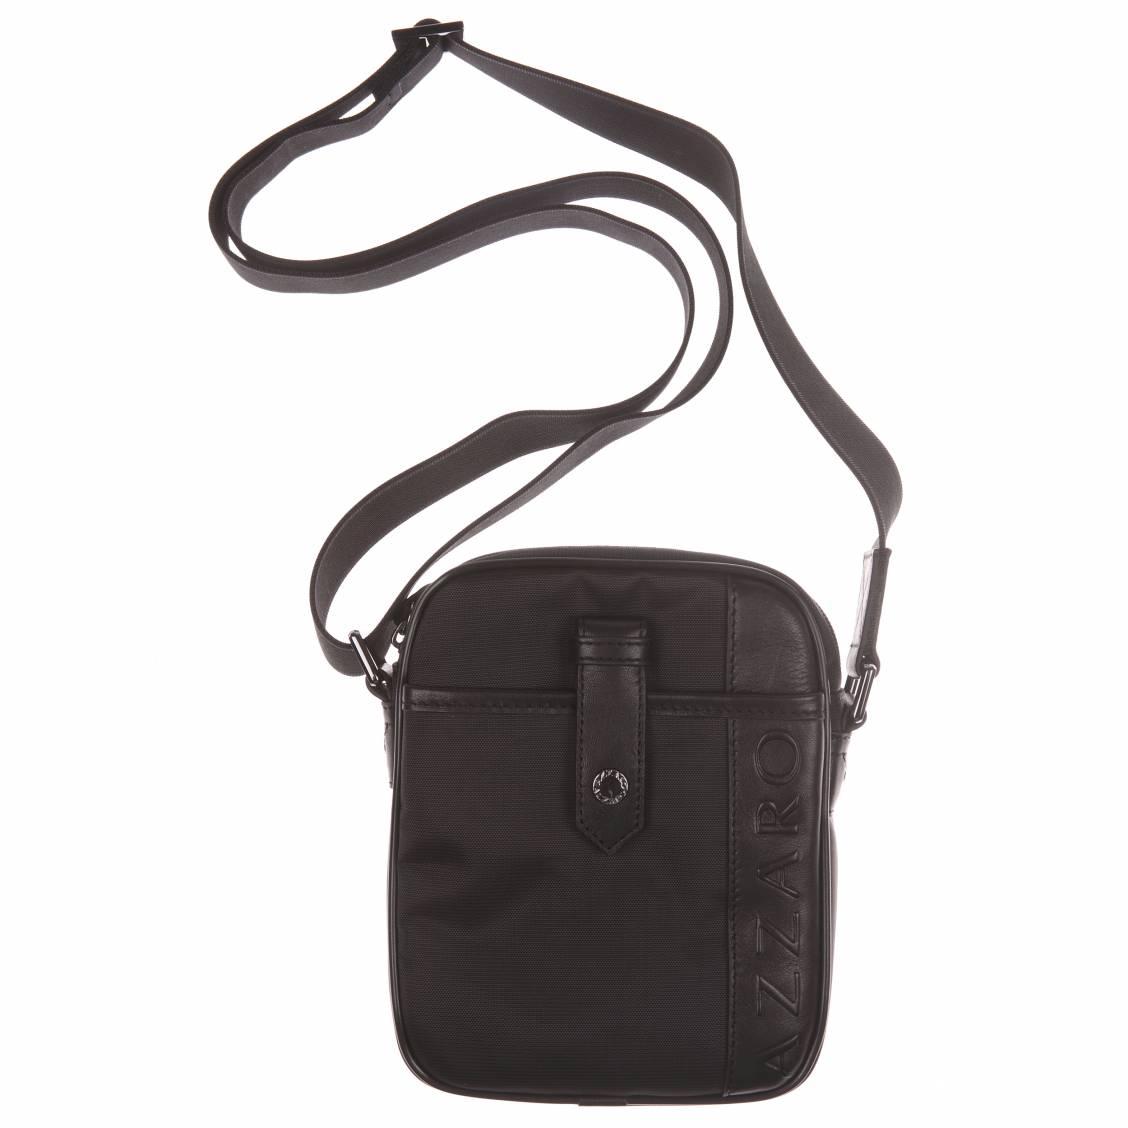 sacoche azzaro noire à bandoulière ajustable